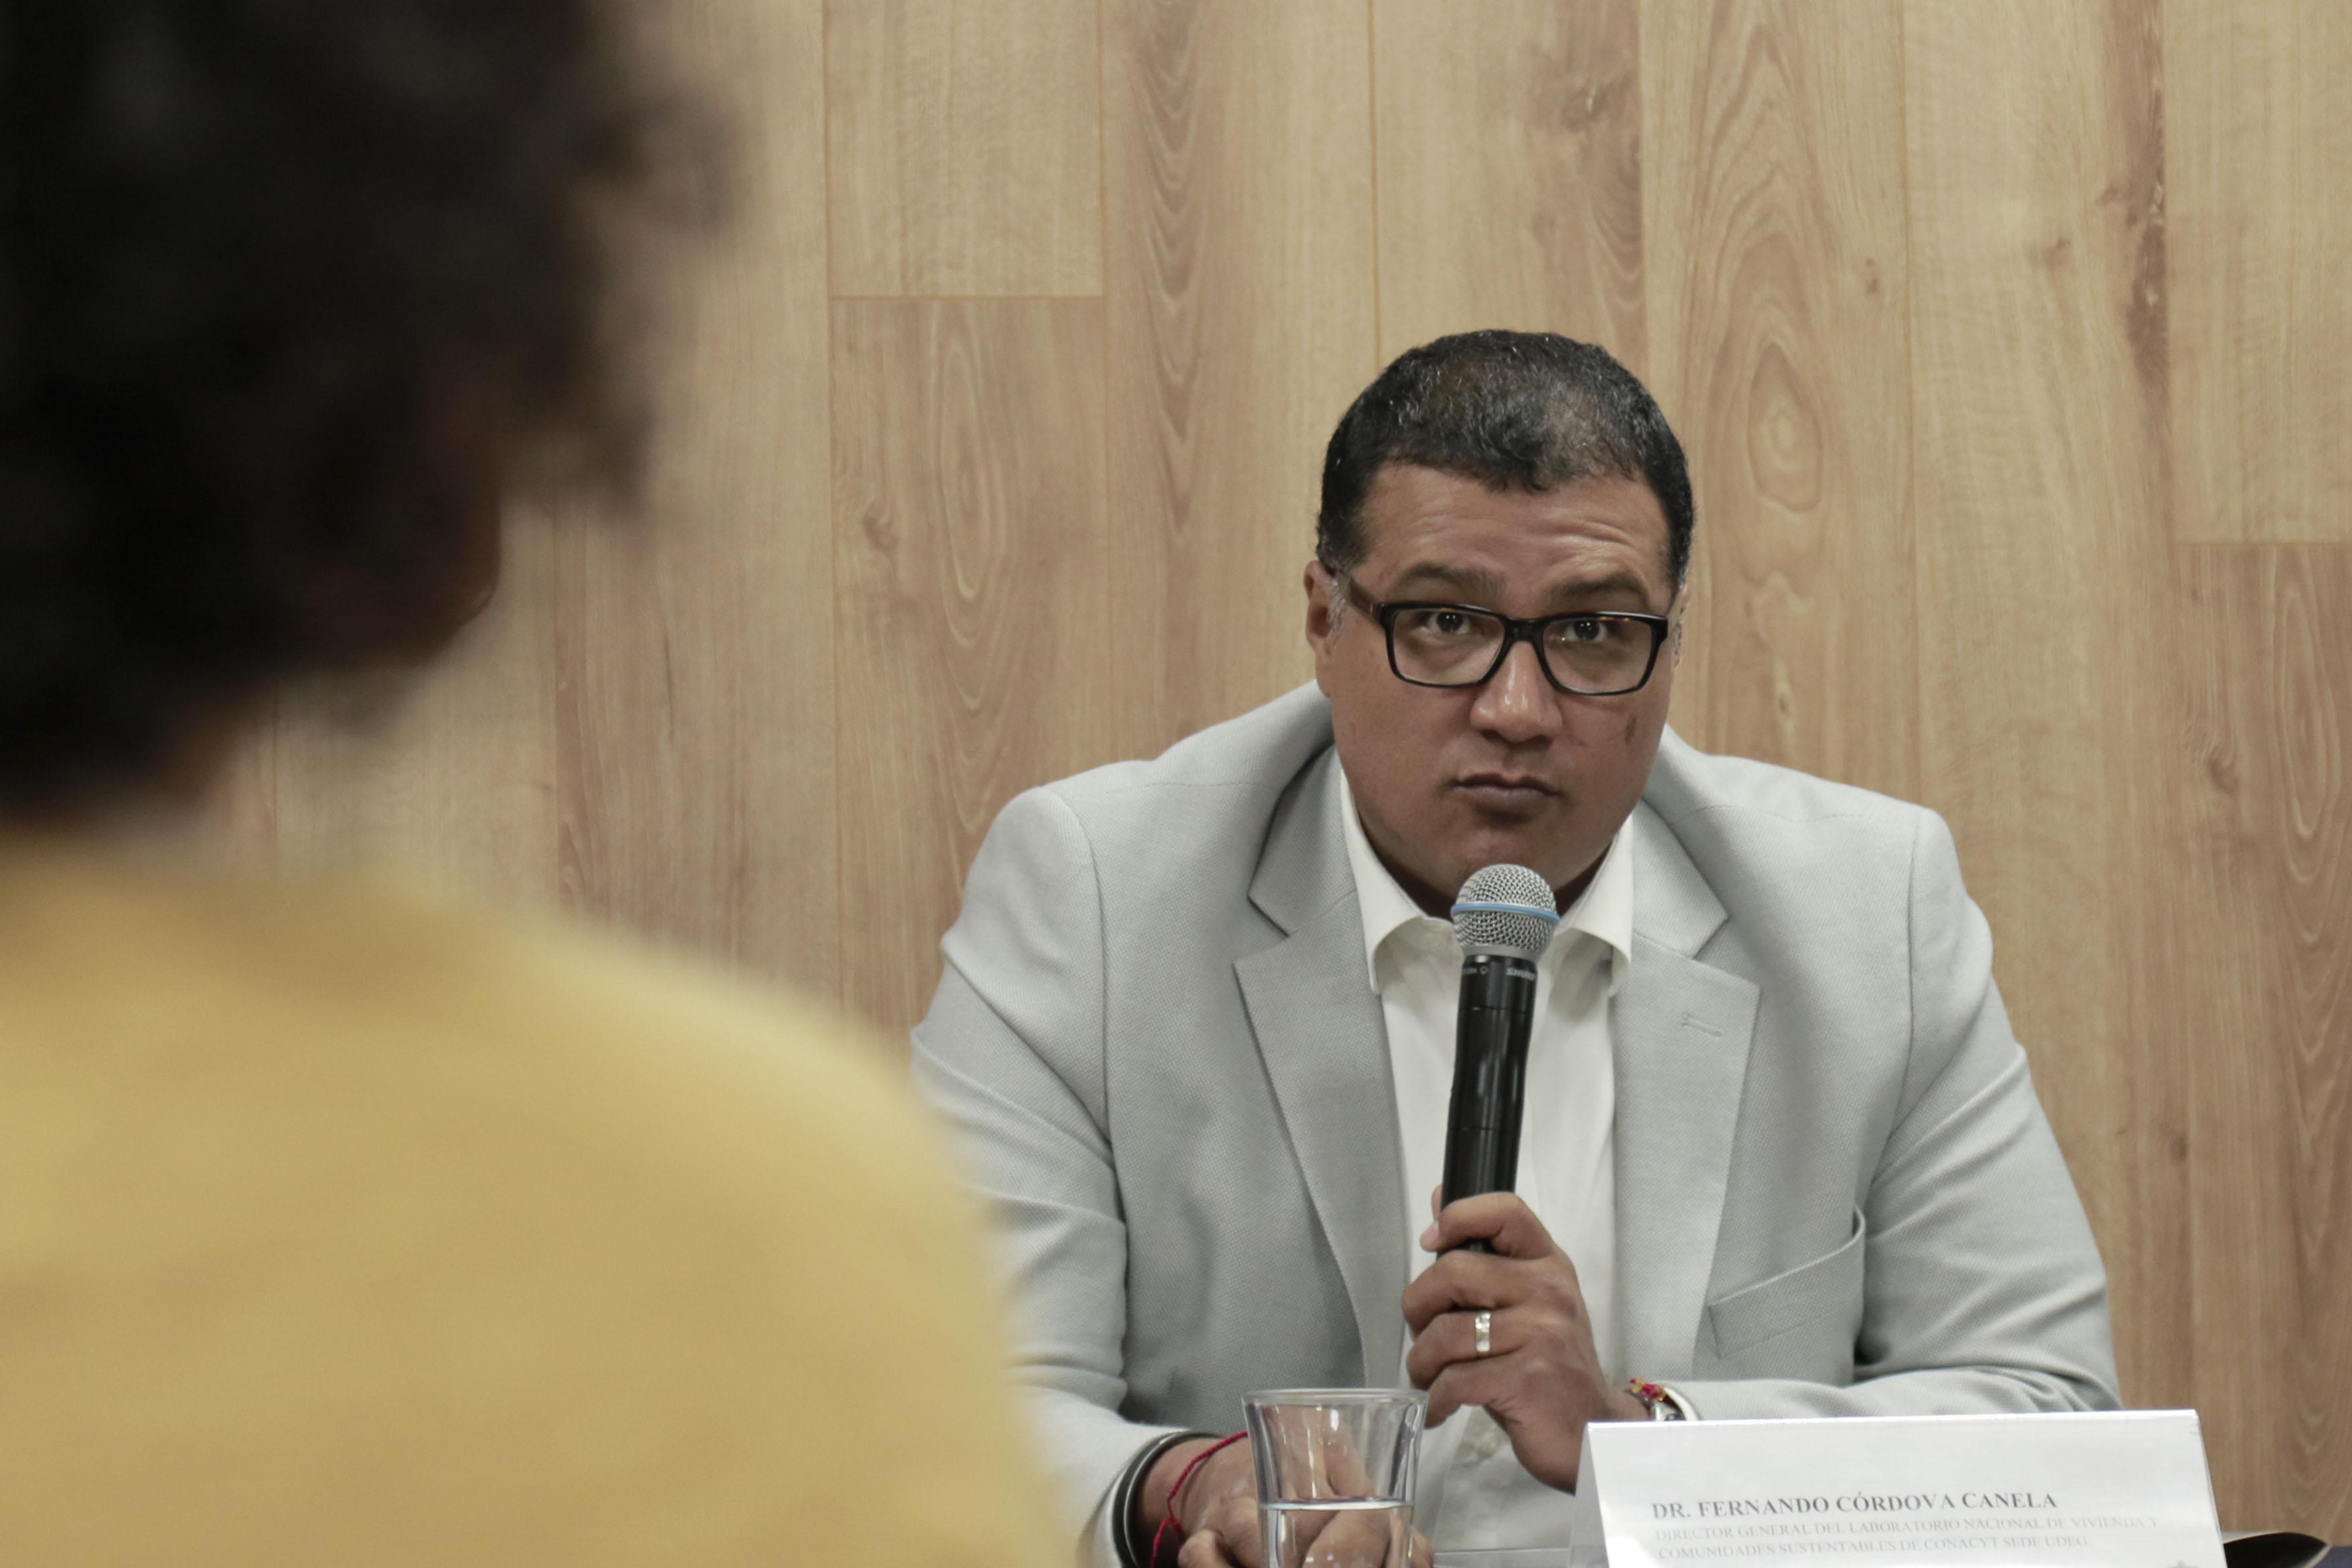 Dr.  Fernando Córdova Canela, Director General de la sede UdeG del Laboratorio Nacional de Vivienda y Comunidades Sustentables del Conacyt, haciendo uso de la palabra